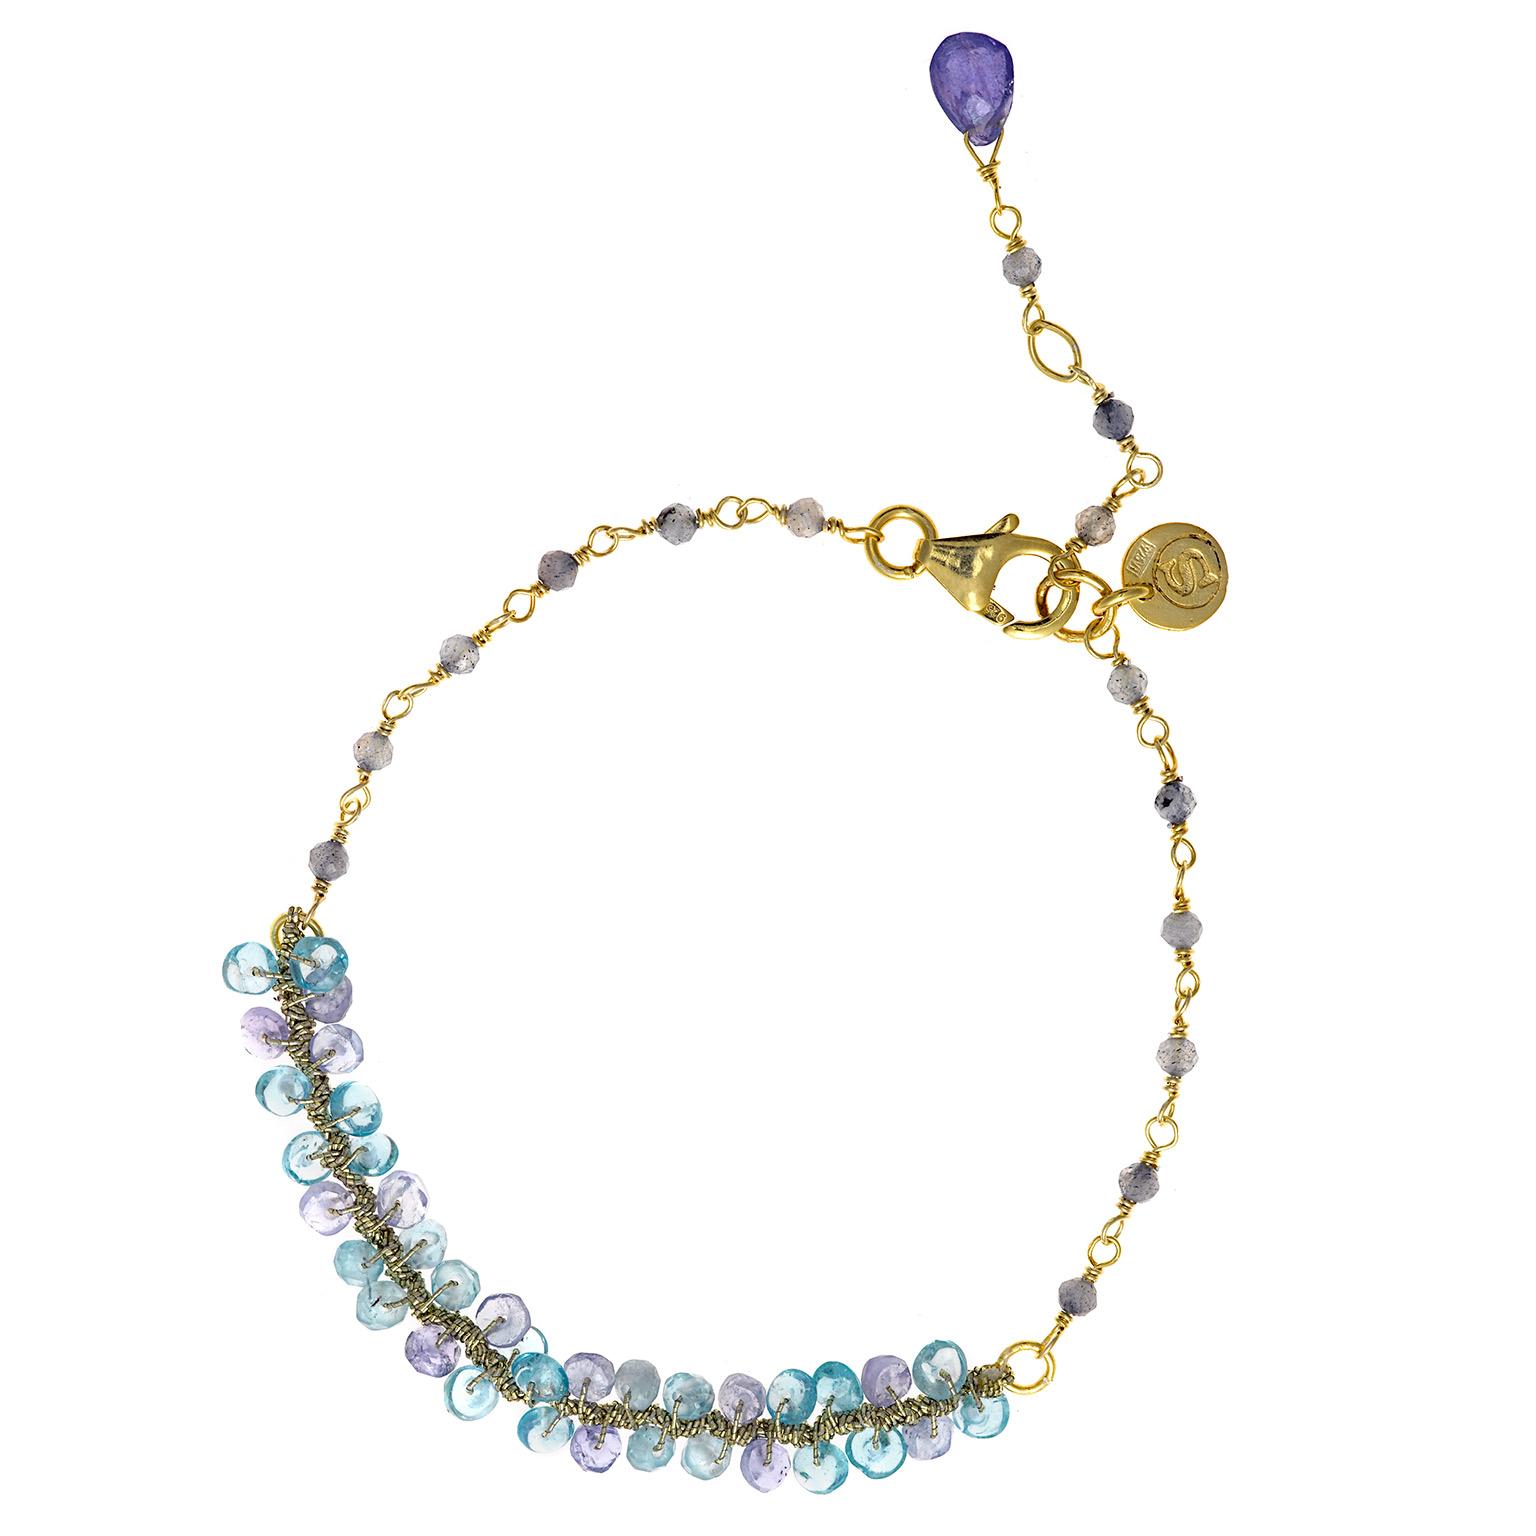 gran selección de mujer material seleccionado *Pulsera Plata chapada con Piedras naturales en Azul